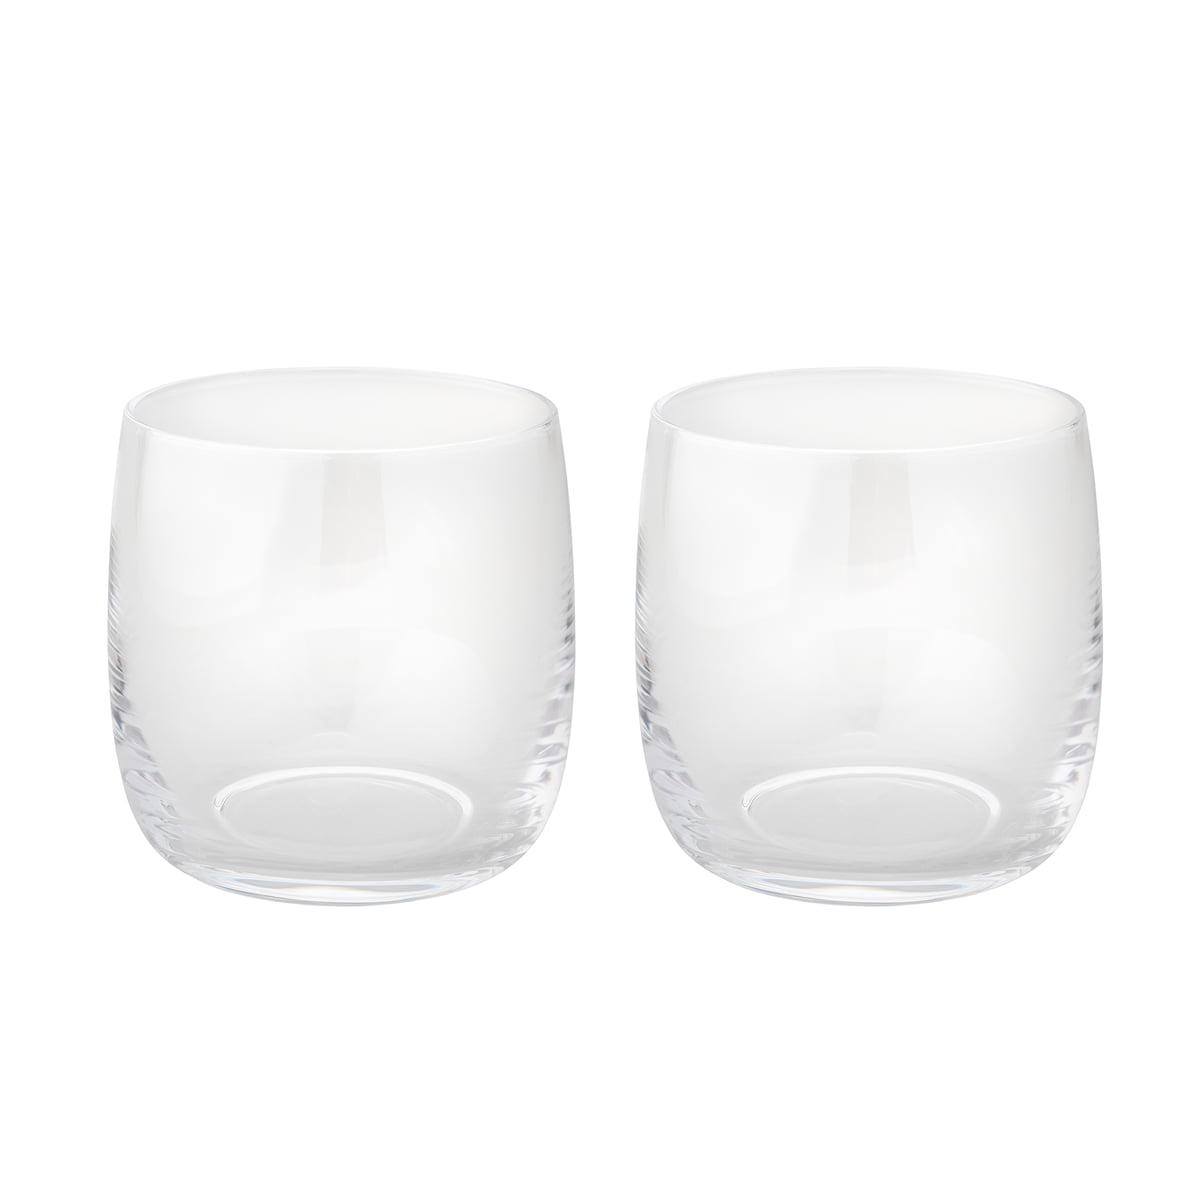 Stelton - Foster Wasserglas 0,2 l, (2er-Set) | Küche und Esszimmer > Besteck und Geschirr > Gläser | Transparent | Glas | Stelton